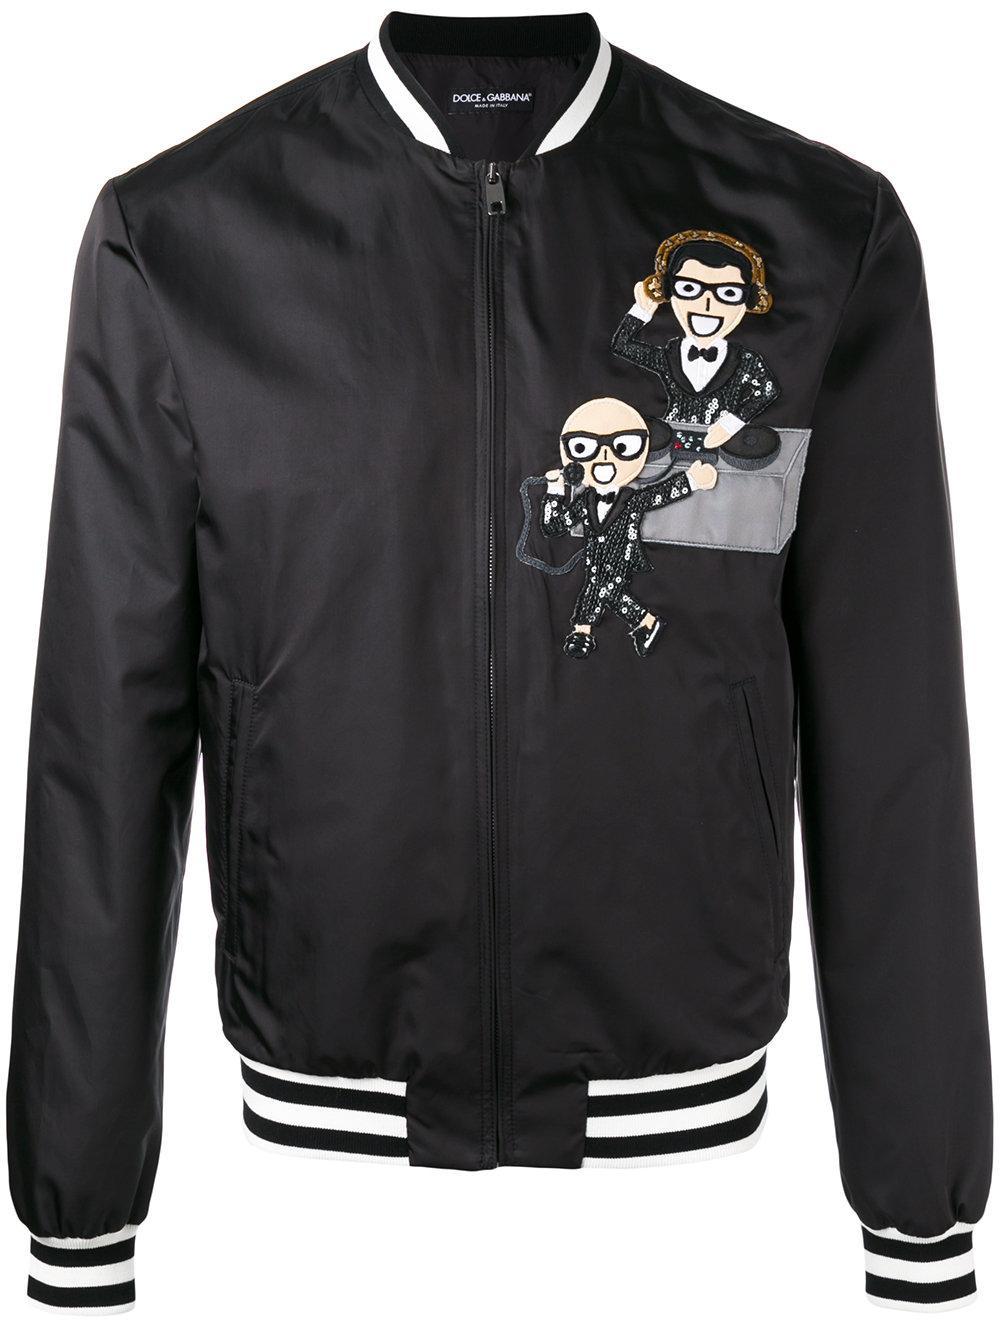 lyst dolce gabbana zip up jacket in black for men. Black Bedroom Furniture Sets. Home Design Ideas